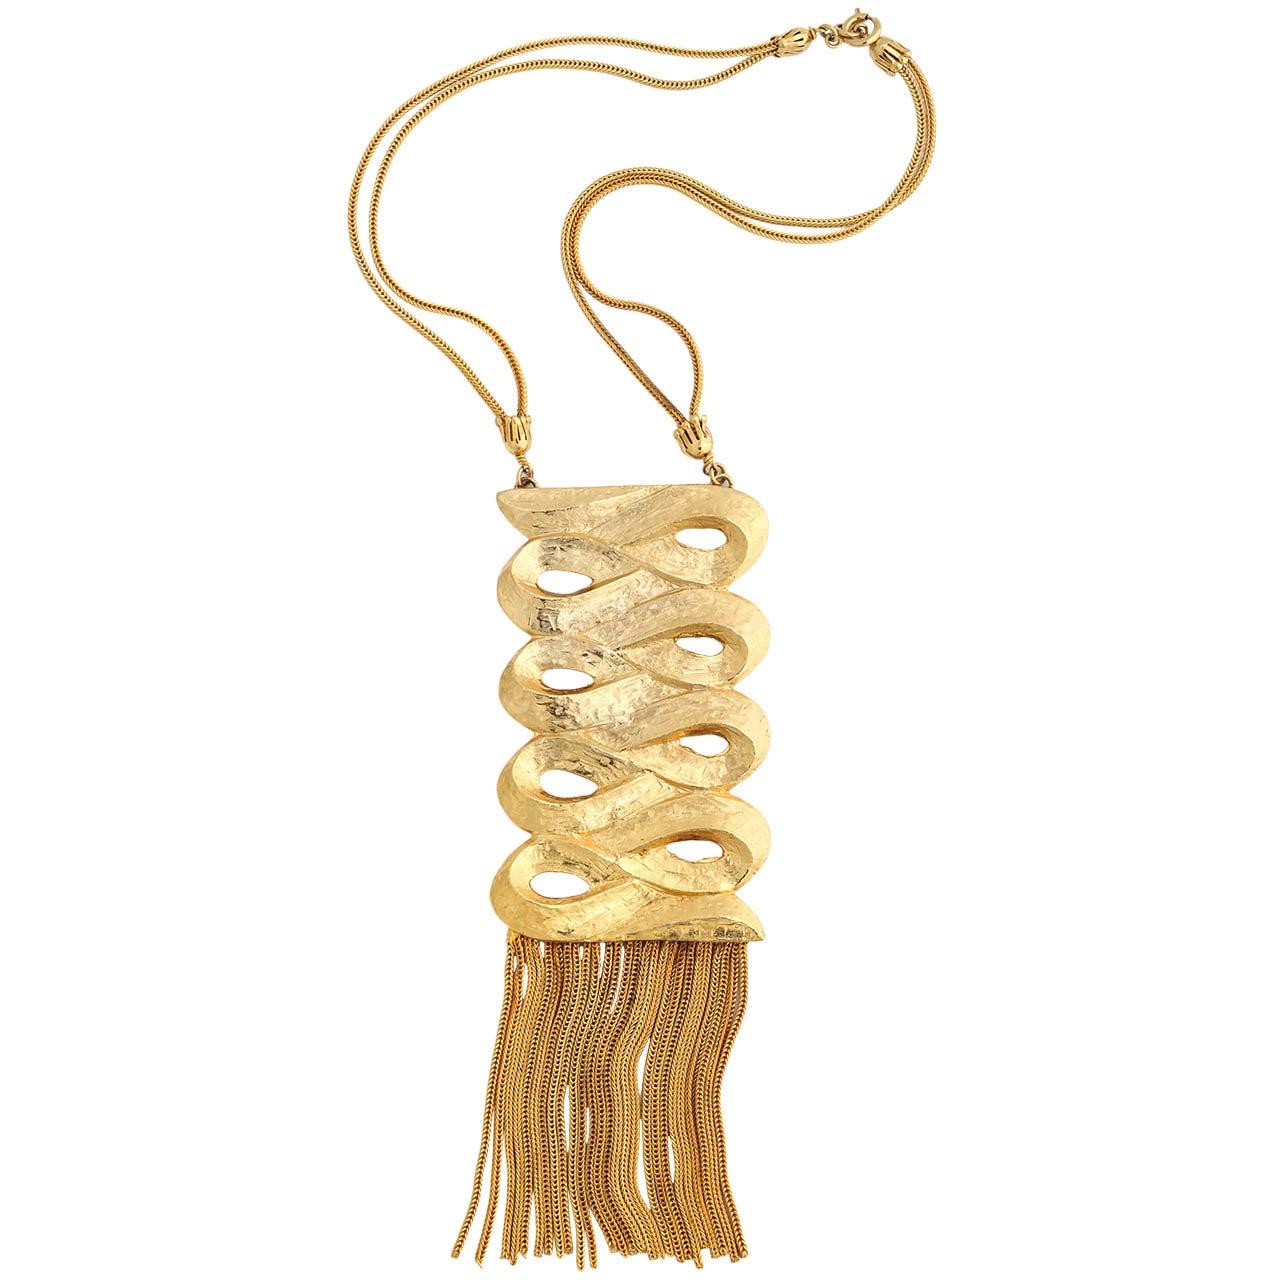 Signed Sandor Scroll Necklace